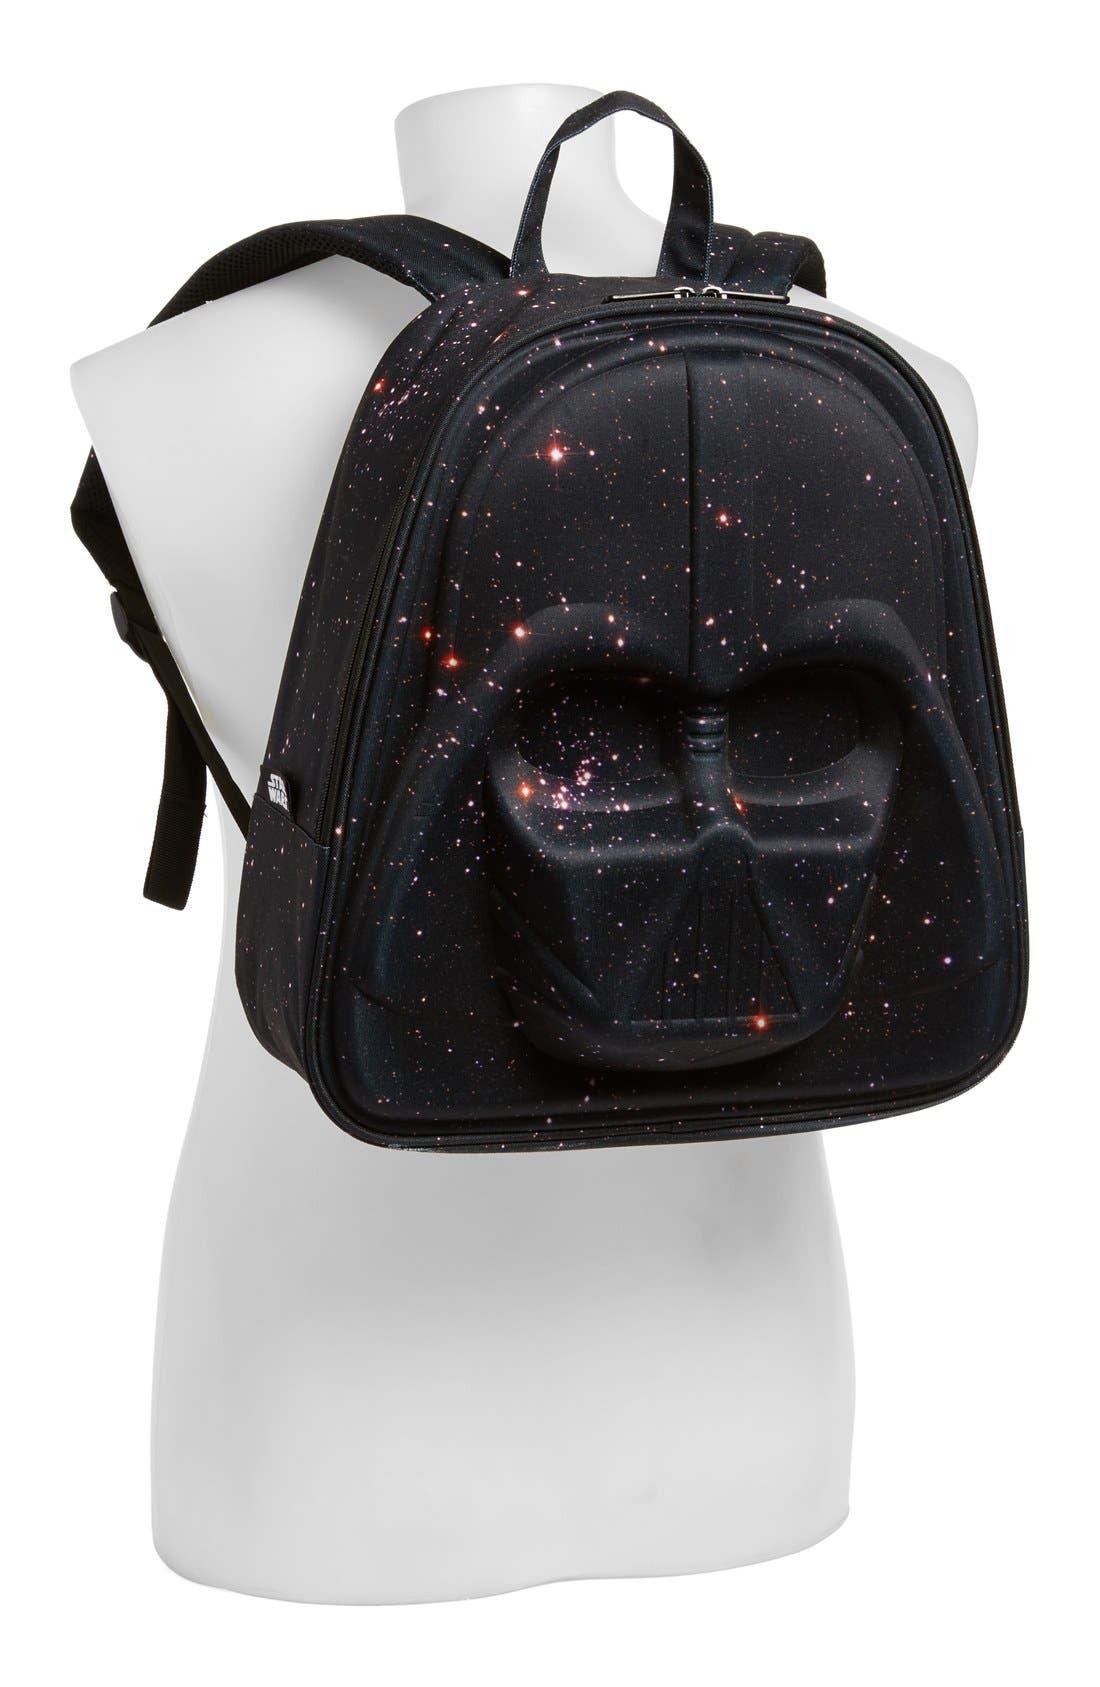 'Star Wars<sup>™</sup> - Darth Vader Galaxy' Backpack,                             Alternate thumbnail 2, color,                             001